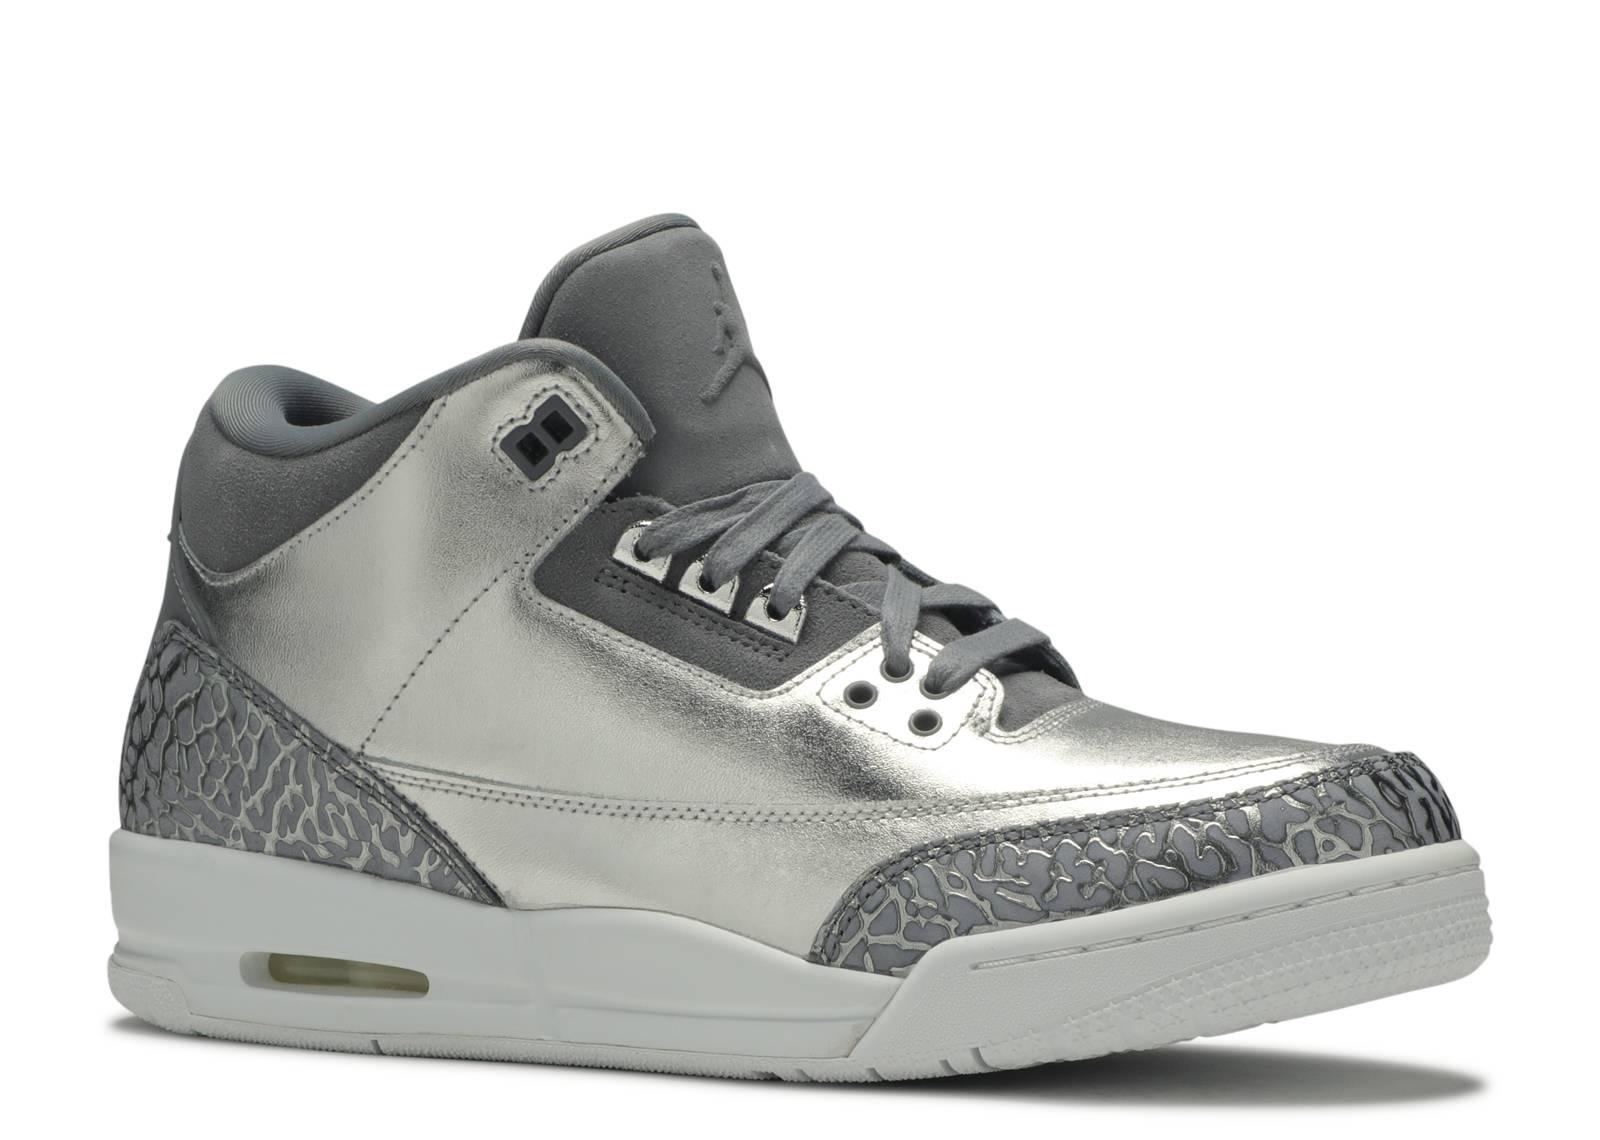 0d0dc152394175 Air Jordan 3 Retro Prem Hc